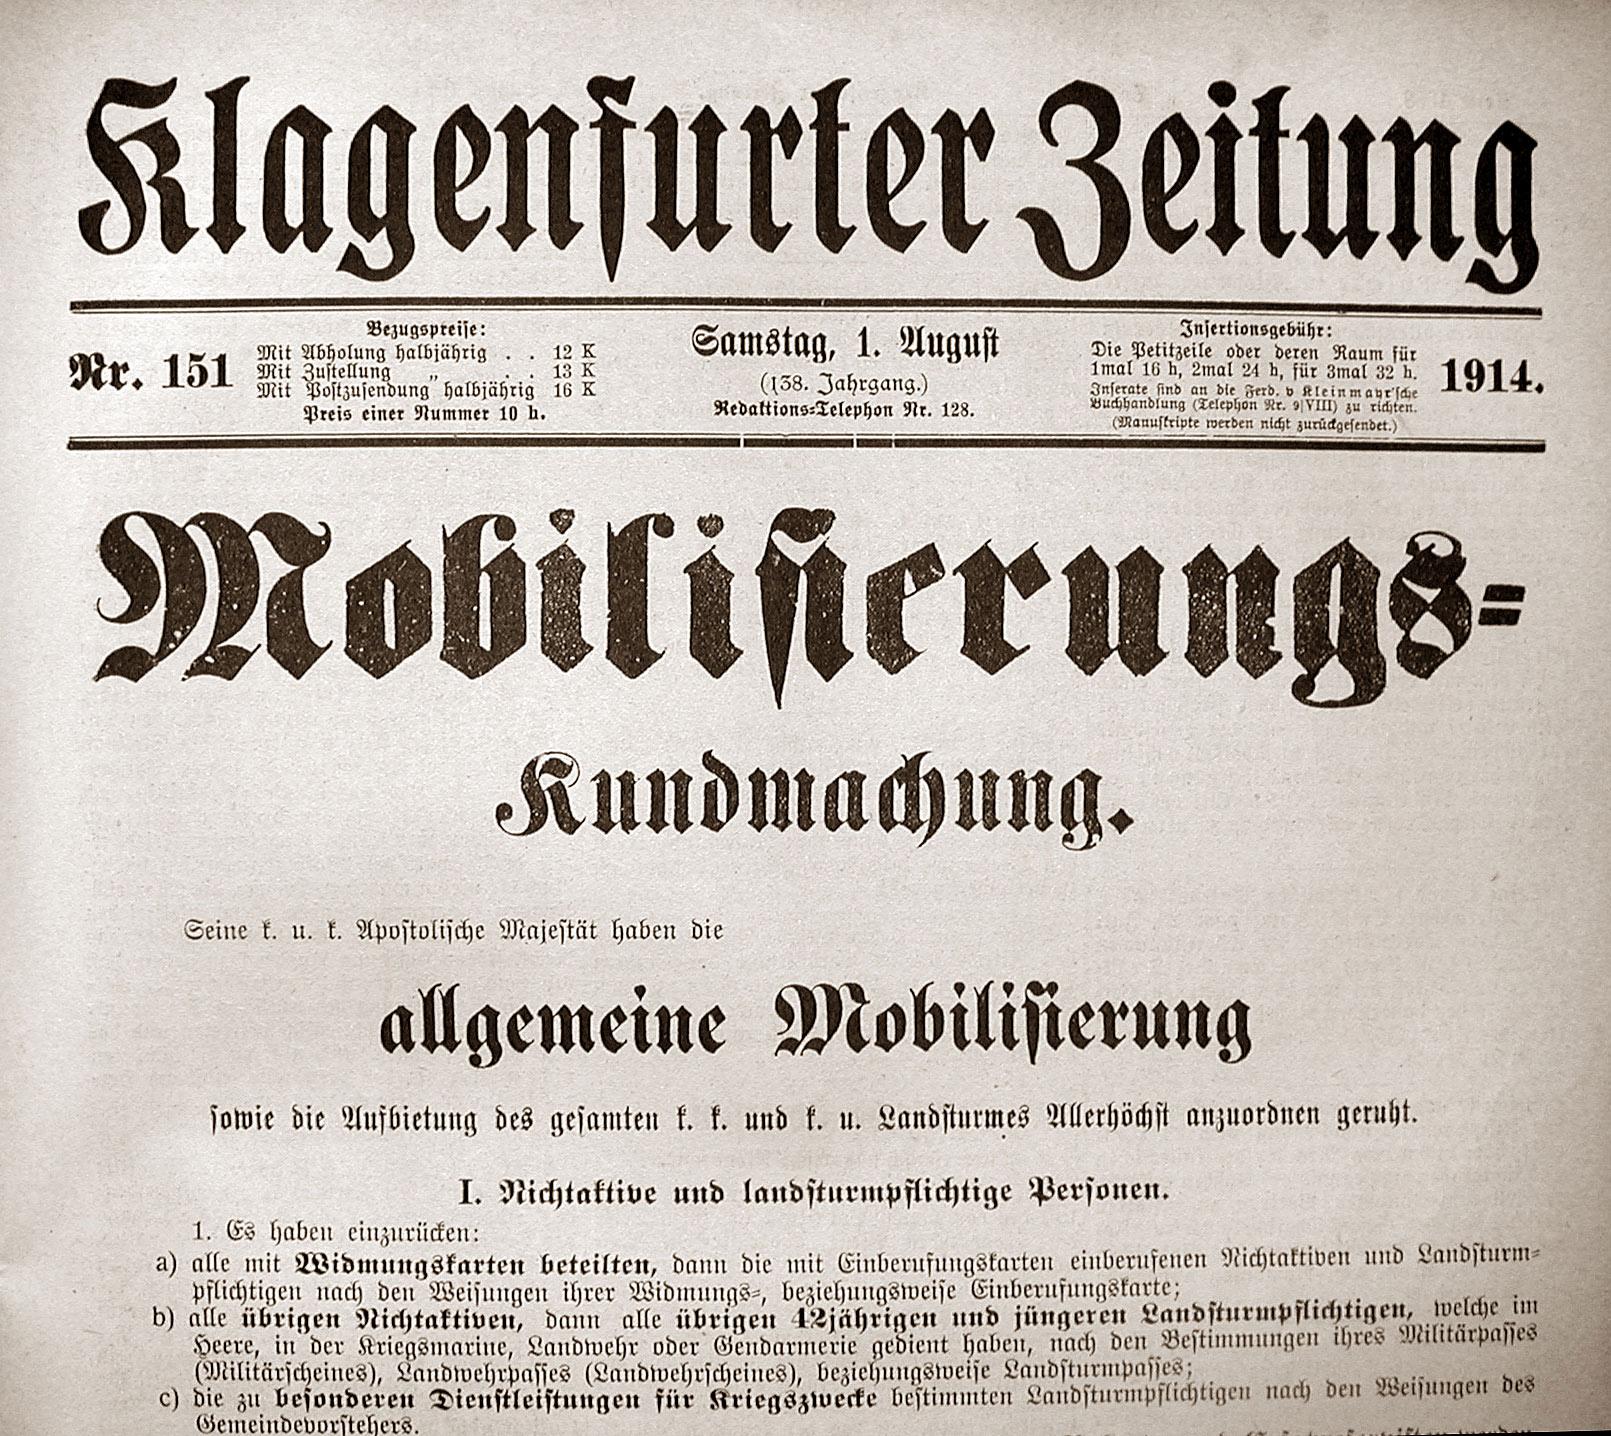 Österreichische Kundmachung vom 1. August 1914 über die Mobilisierung